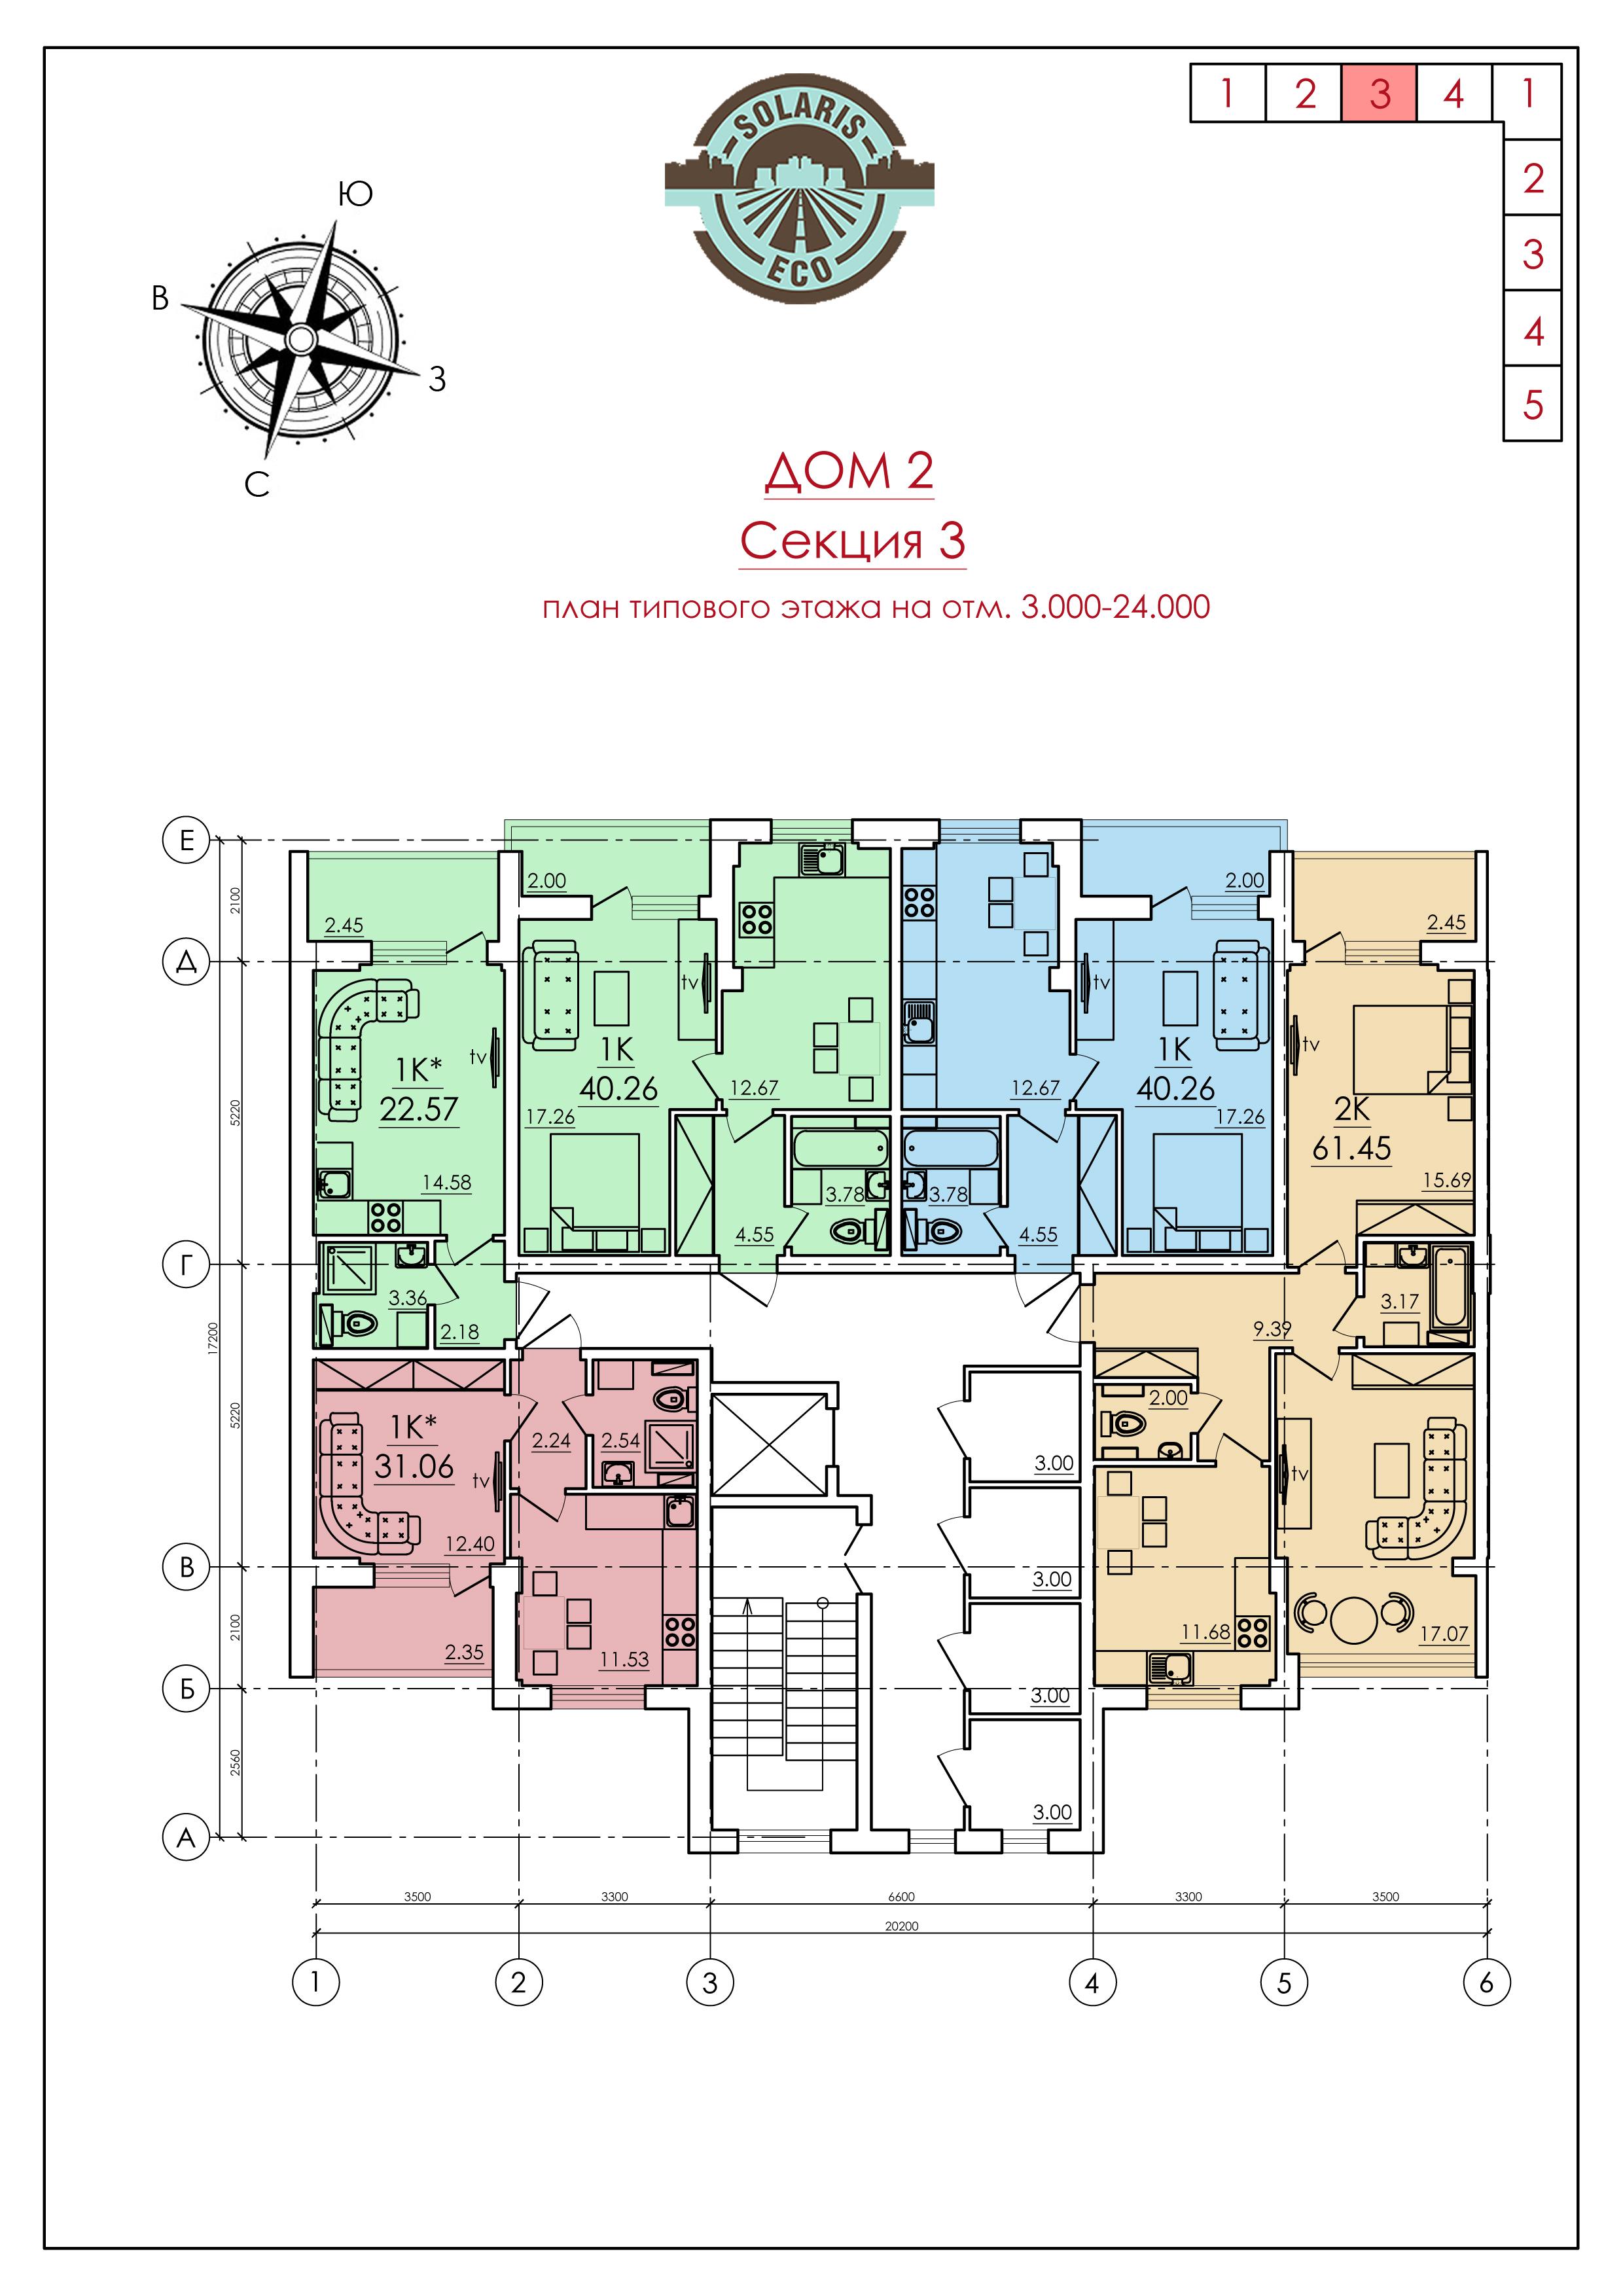 ЖК ECO Solaris (ЭКО Соларис ) / Дом №2 / 3 секция / План типового этажа